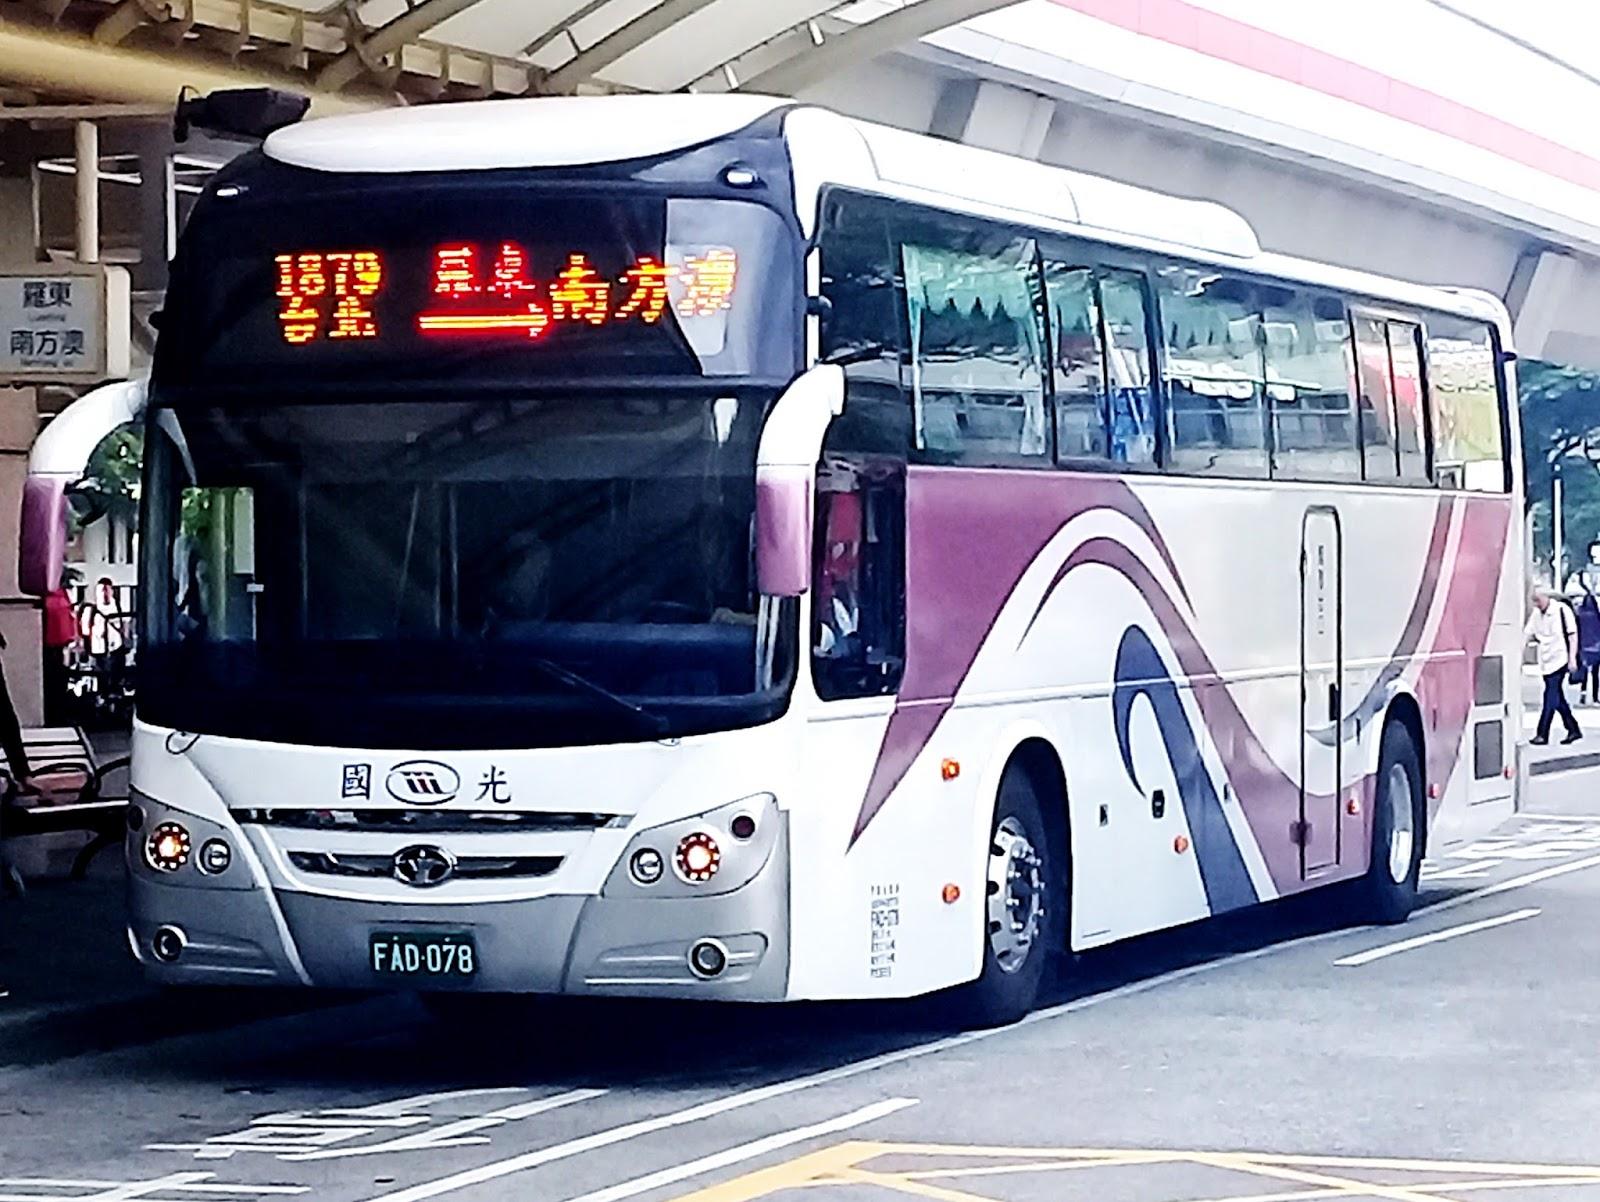 就是愛公車: 20180411 1879 臺北-羅東-南方澳 撘乘紀錄